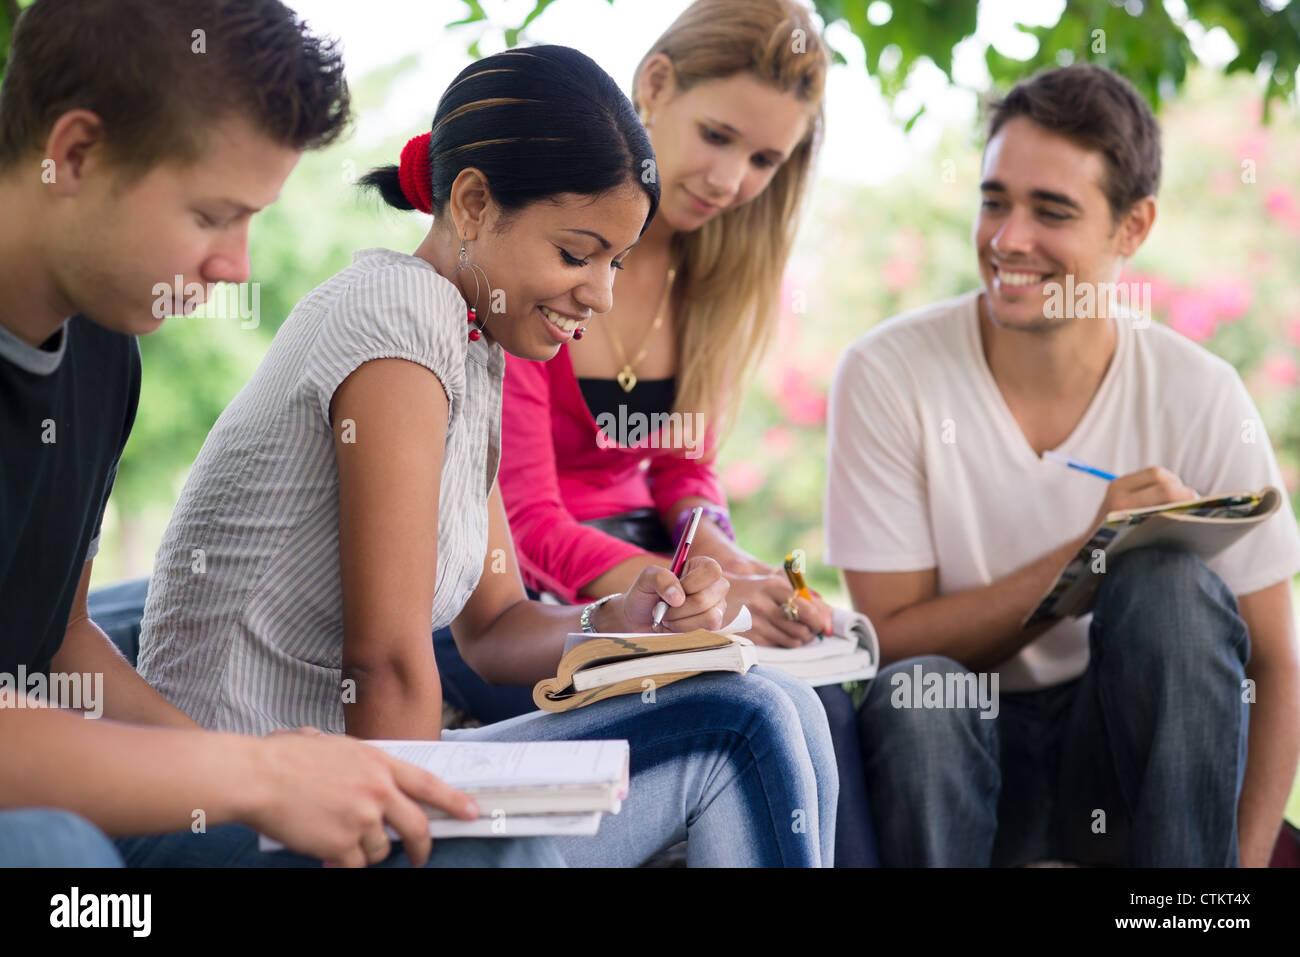 Les amis et l'éducation, Groupe d'étudiants de l'université d'étudier, d'examiner Photo Stock